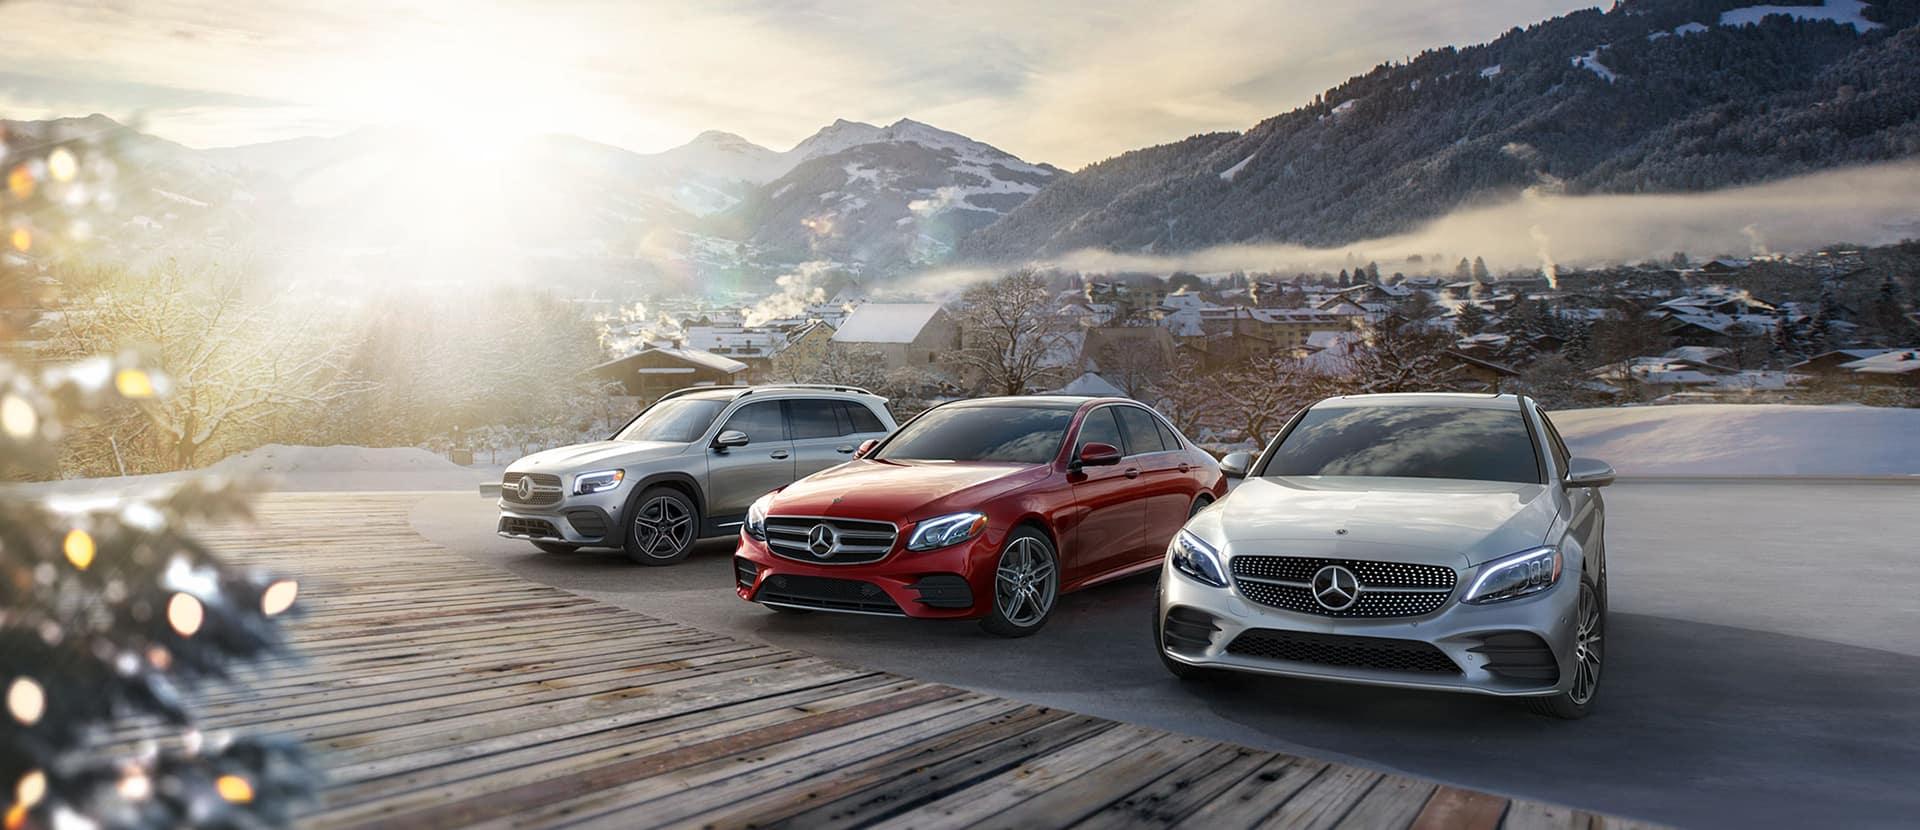 Småländska Bil Mercedes-Benz fleet 2021 slider image 4